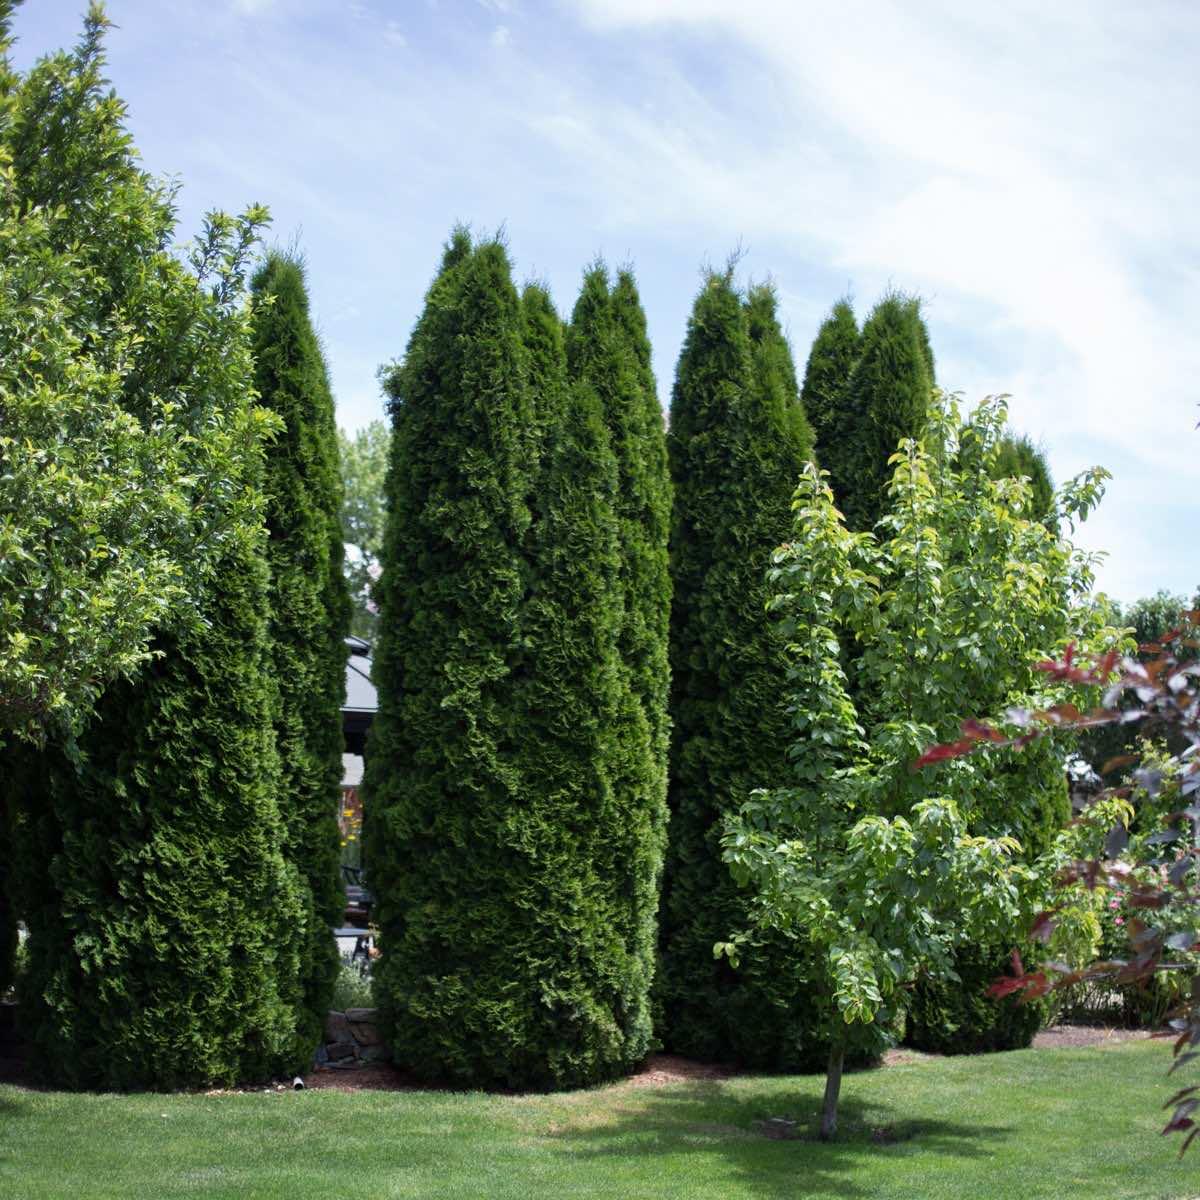 Trắc bách diệp trong các biệt thự sân vườn